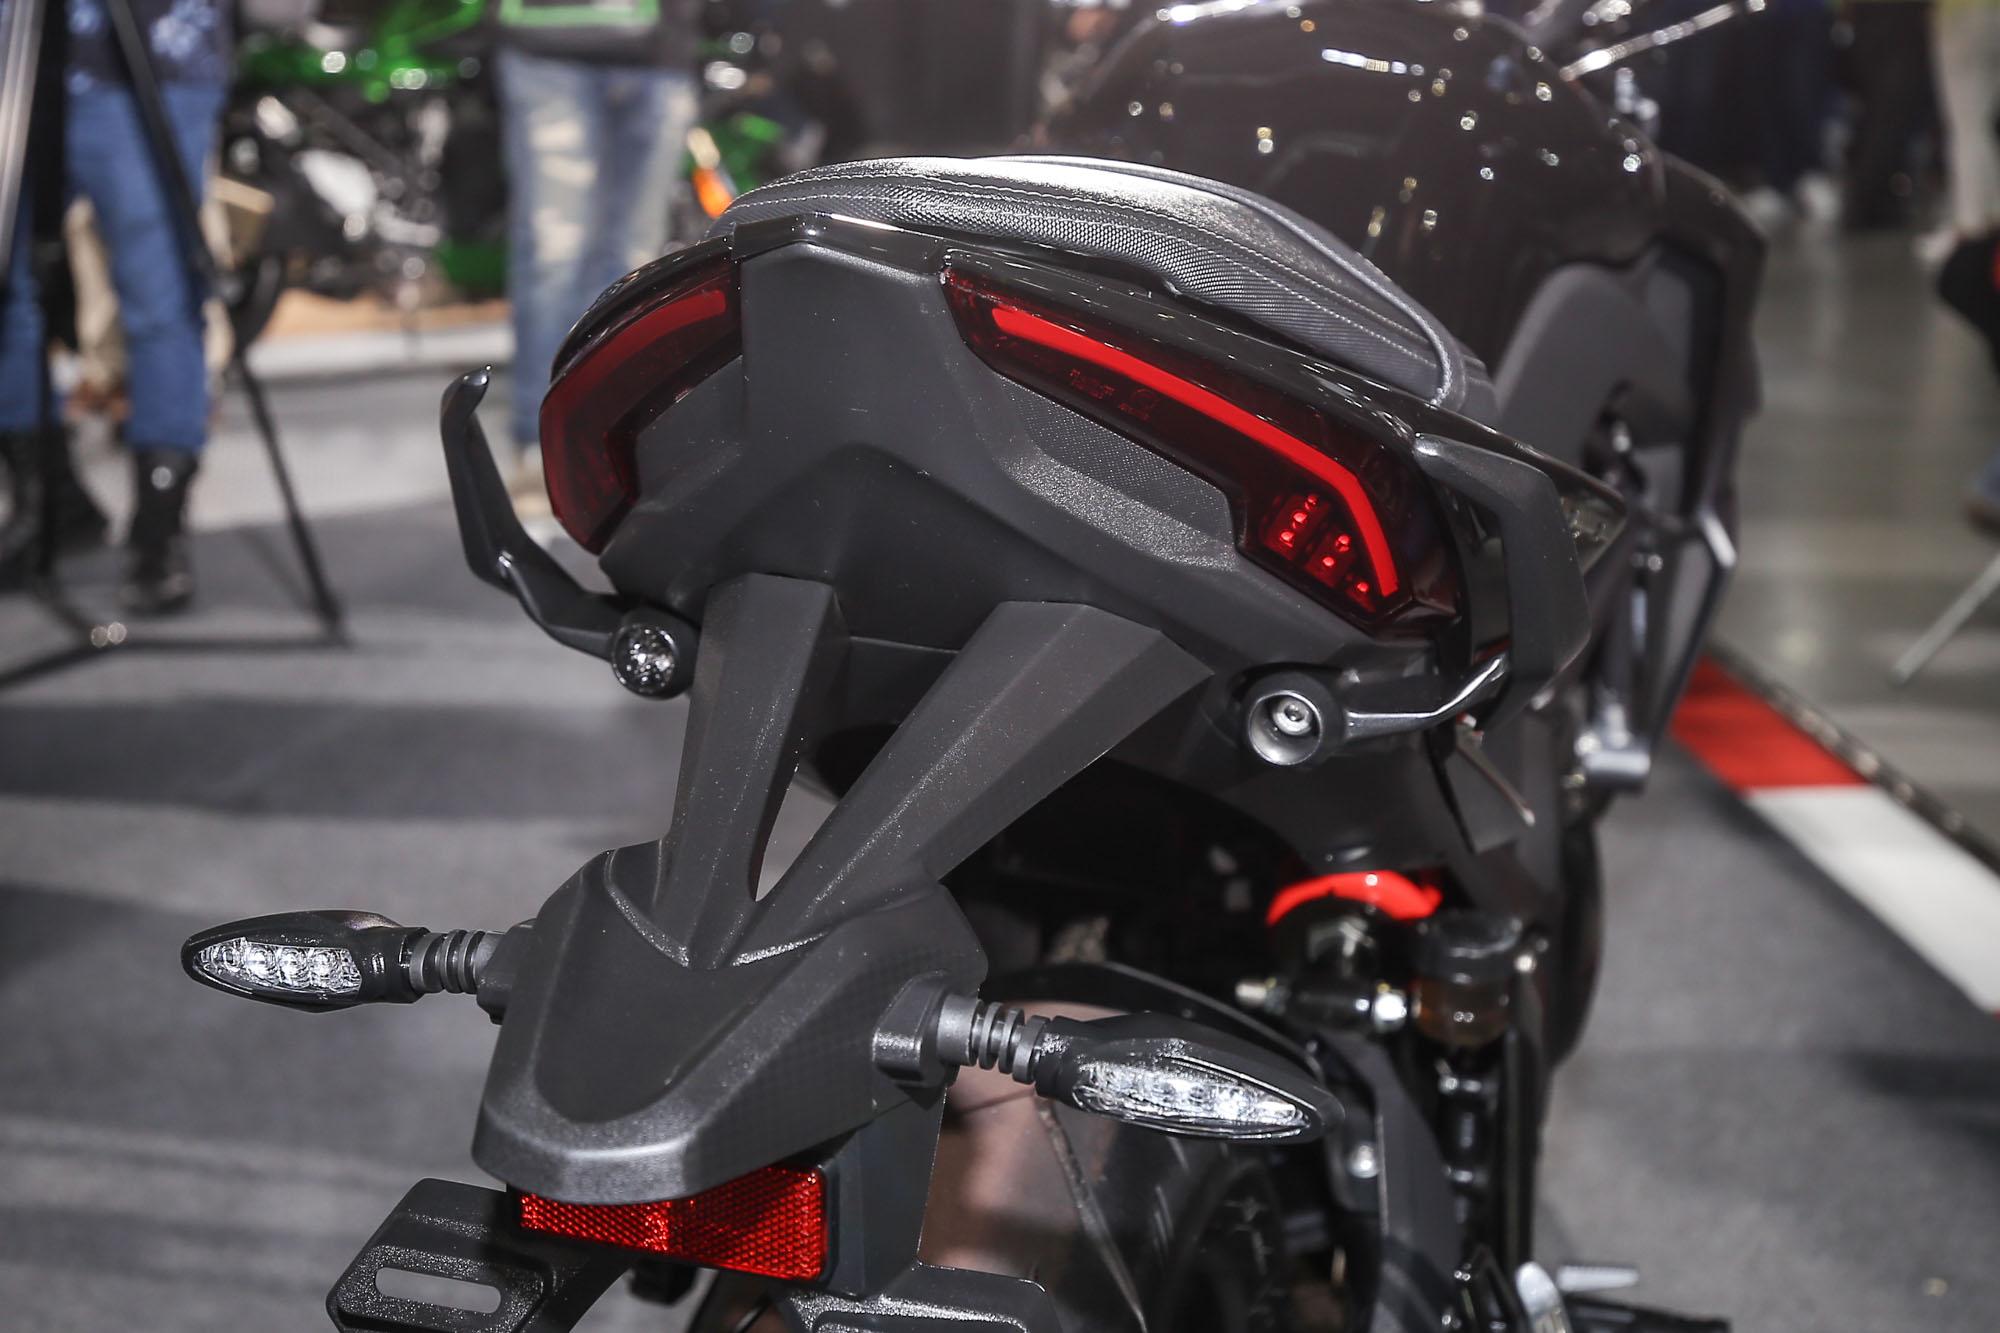 銳利且充滿運動感的造型與全 LED 照明科技,也是 KRider 400 一大賣點。